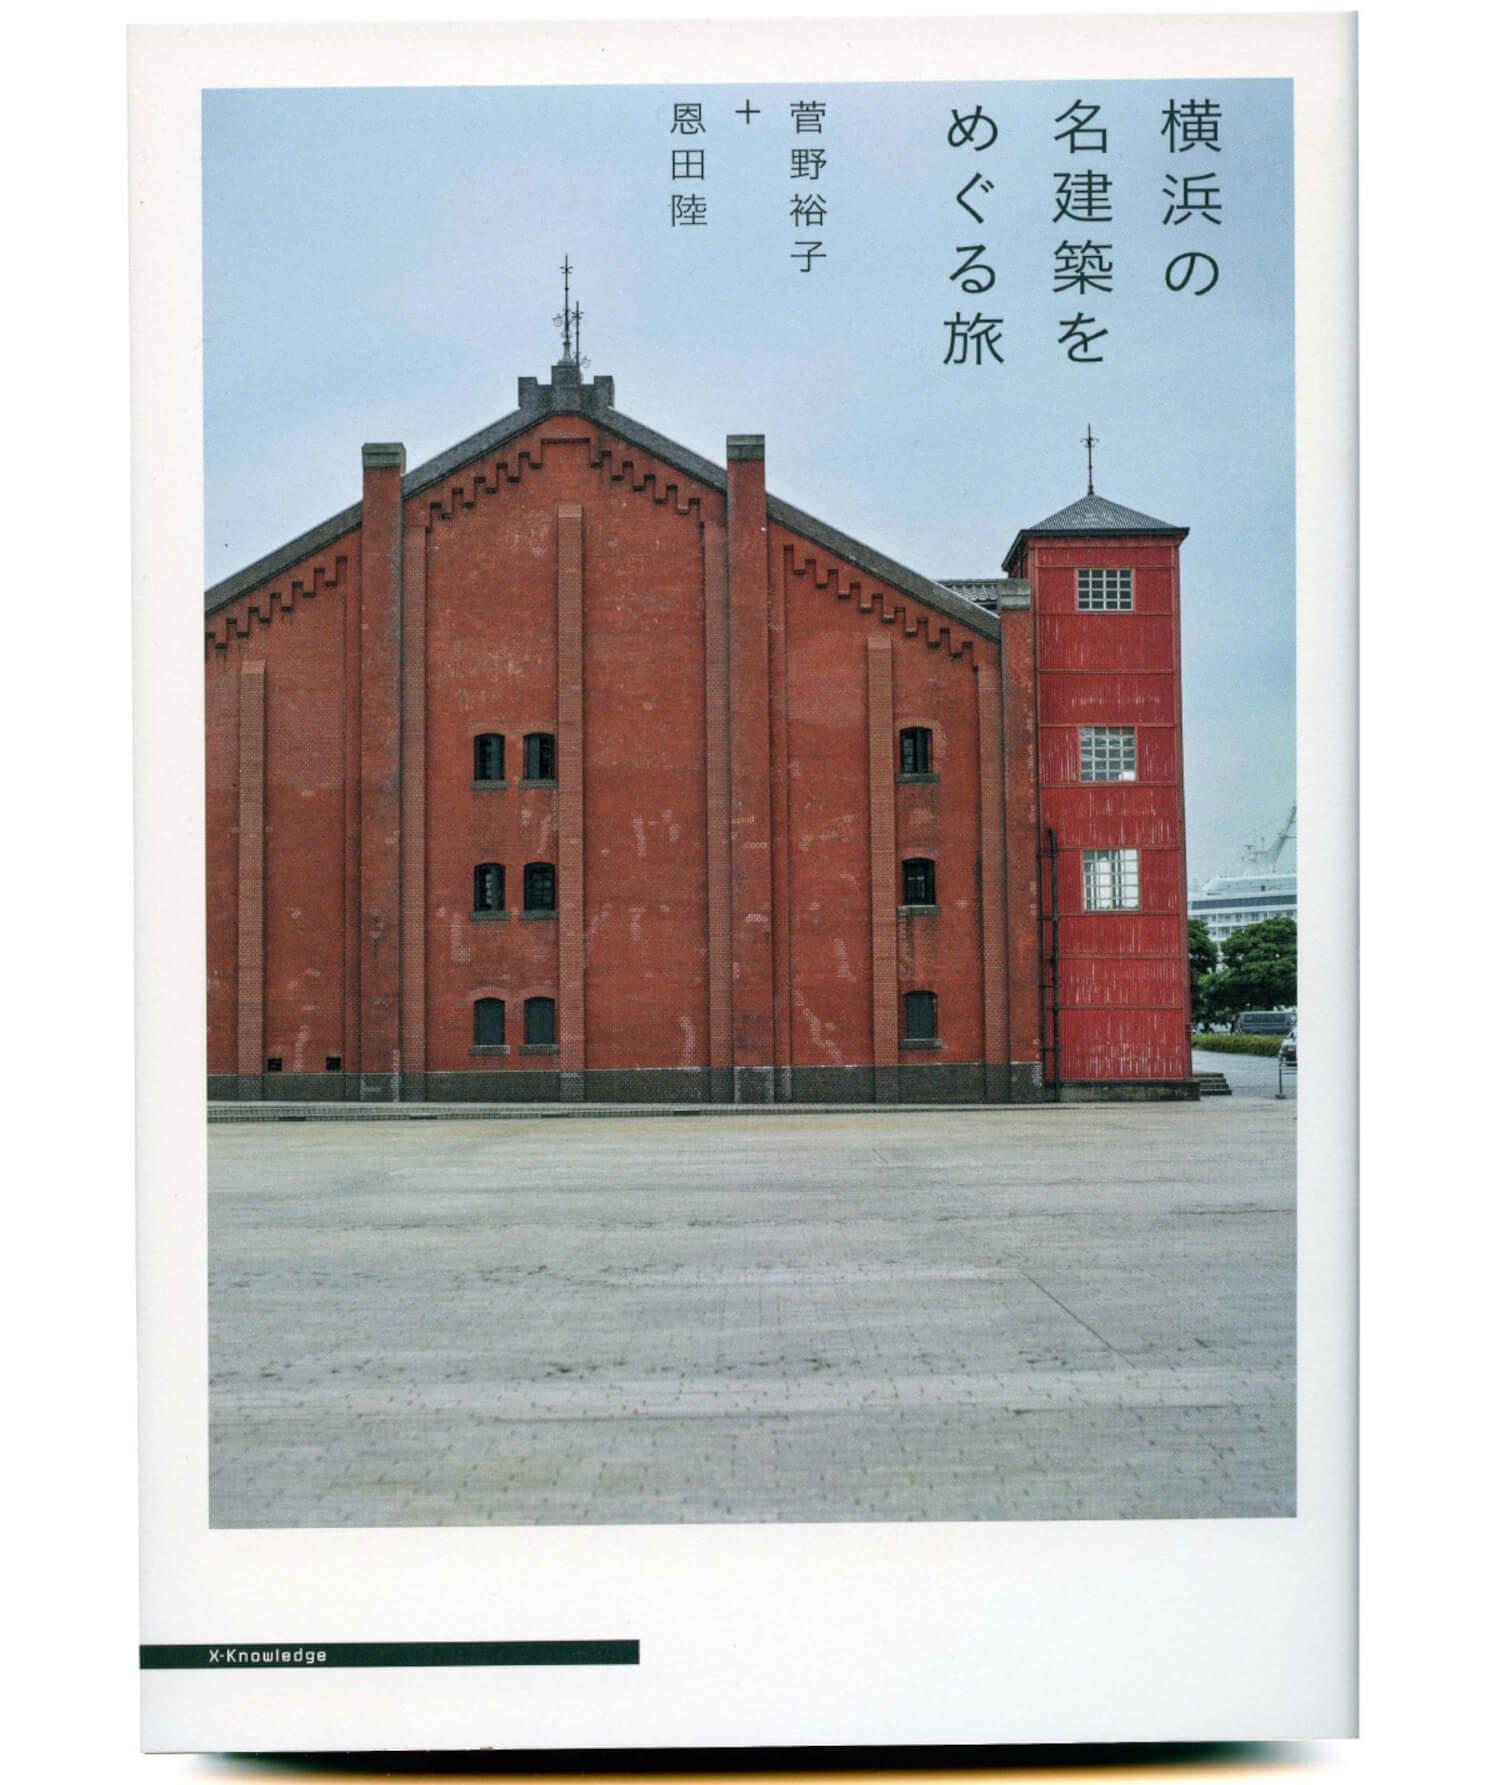 菅野裕子+恩田 陸 著/ エクスナレッジ/ 1760円+税